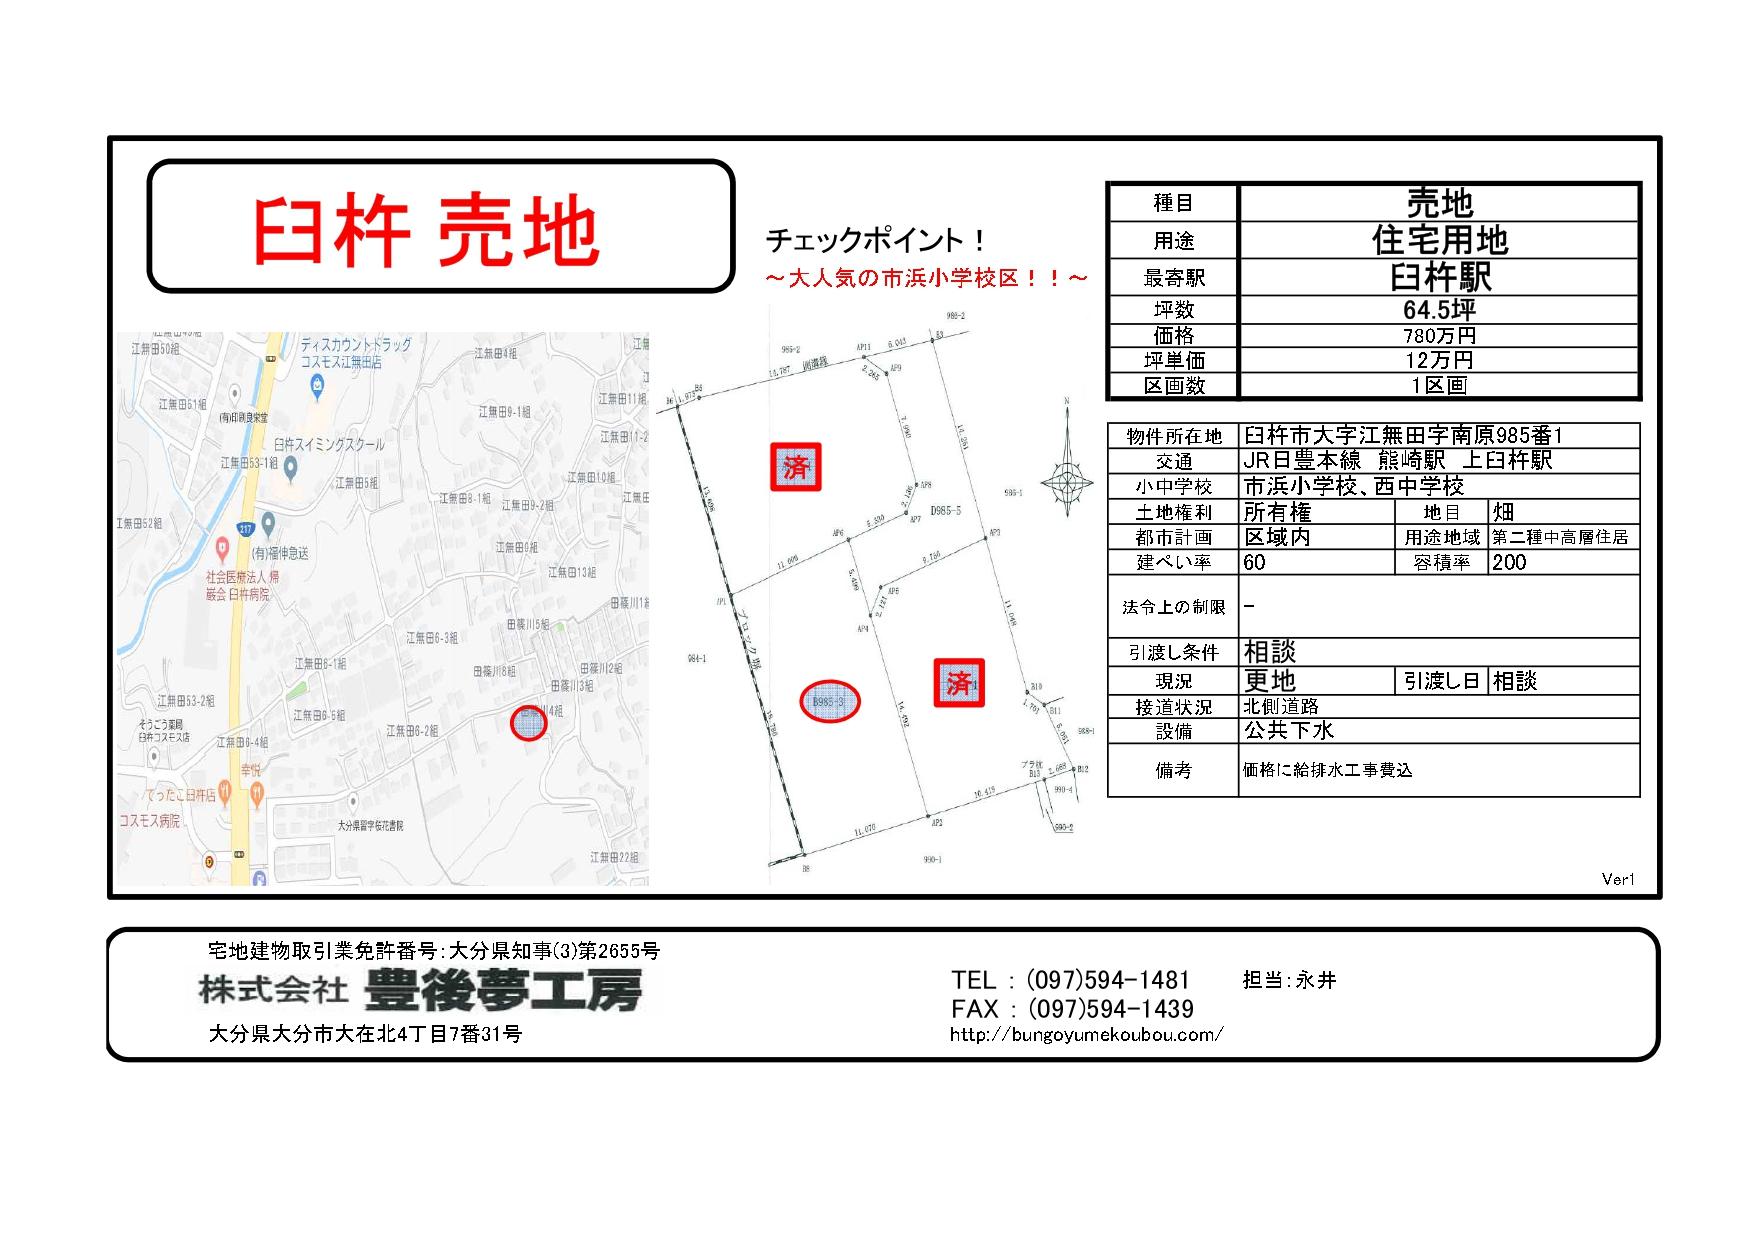 大分県臼杵市土地情報